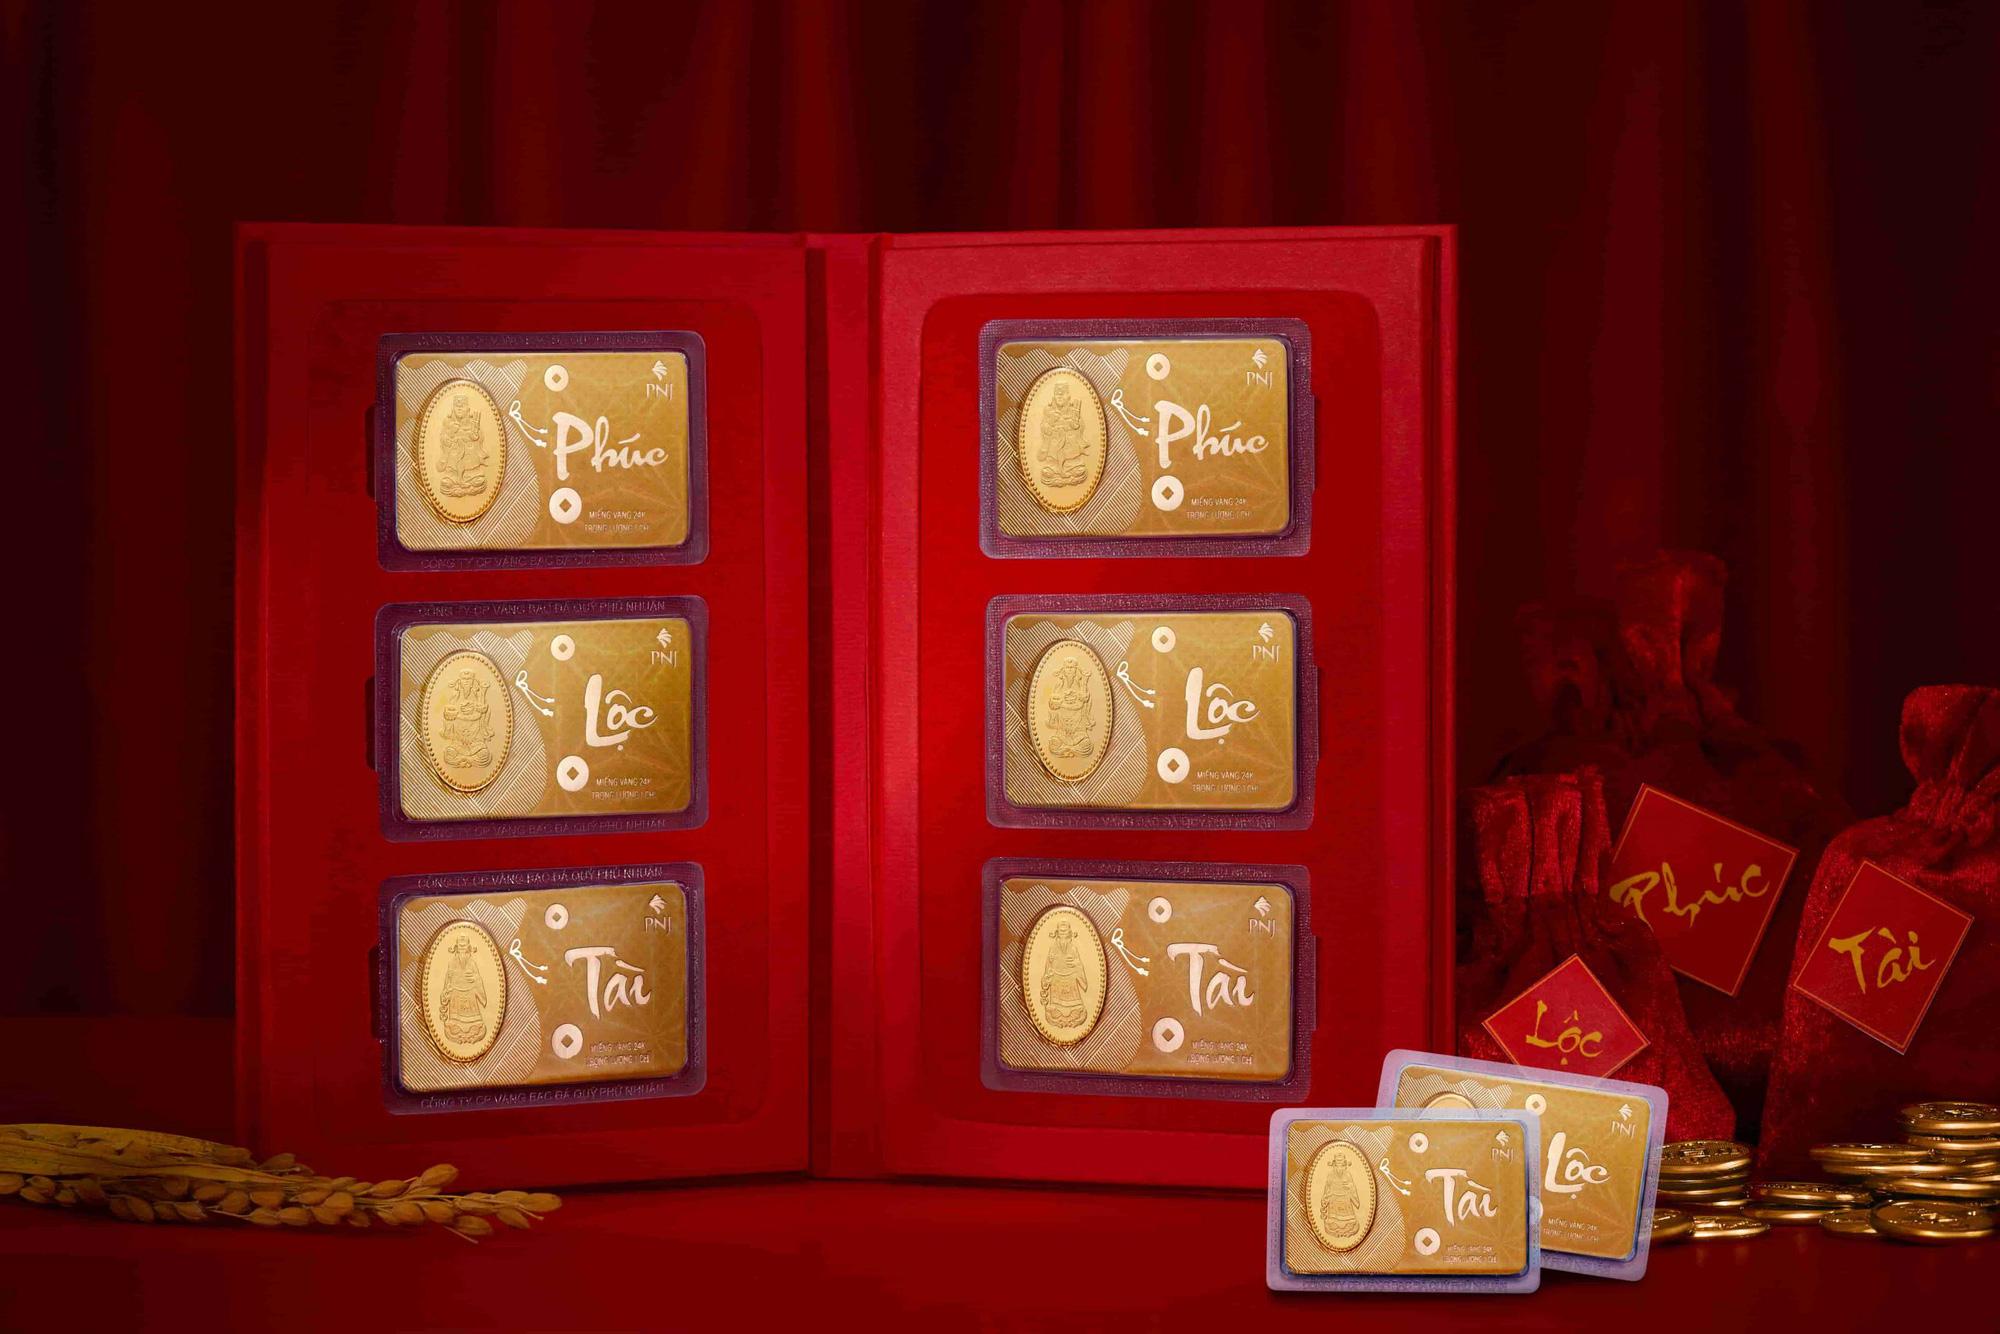 Giá vàng hôm nay 15/4: Sụt giảm, vàng thế giới về mức 49,4 triệu đồng/lượng - Ảnh 2.